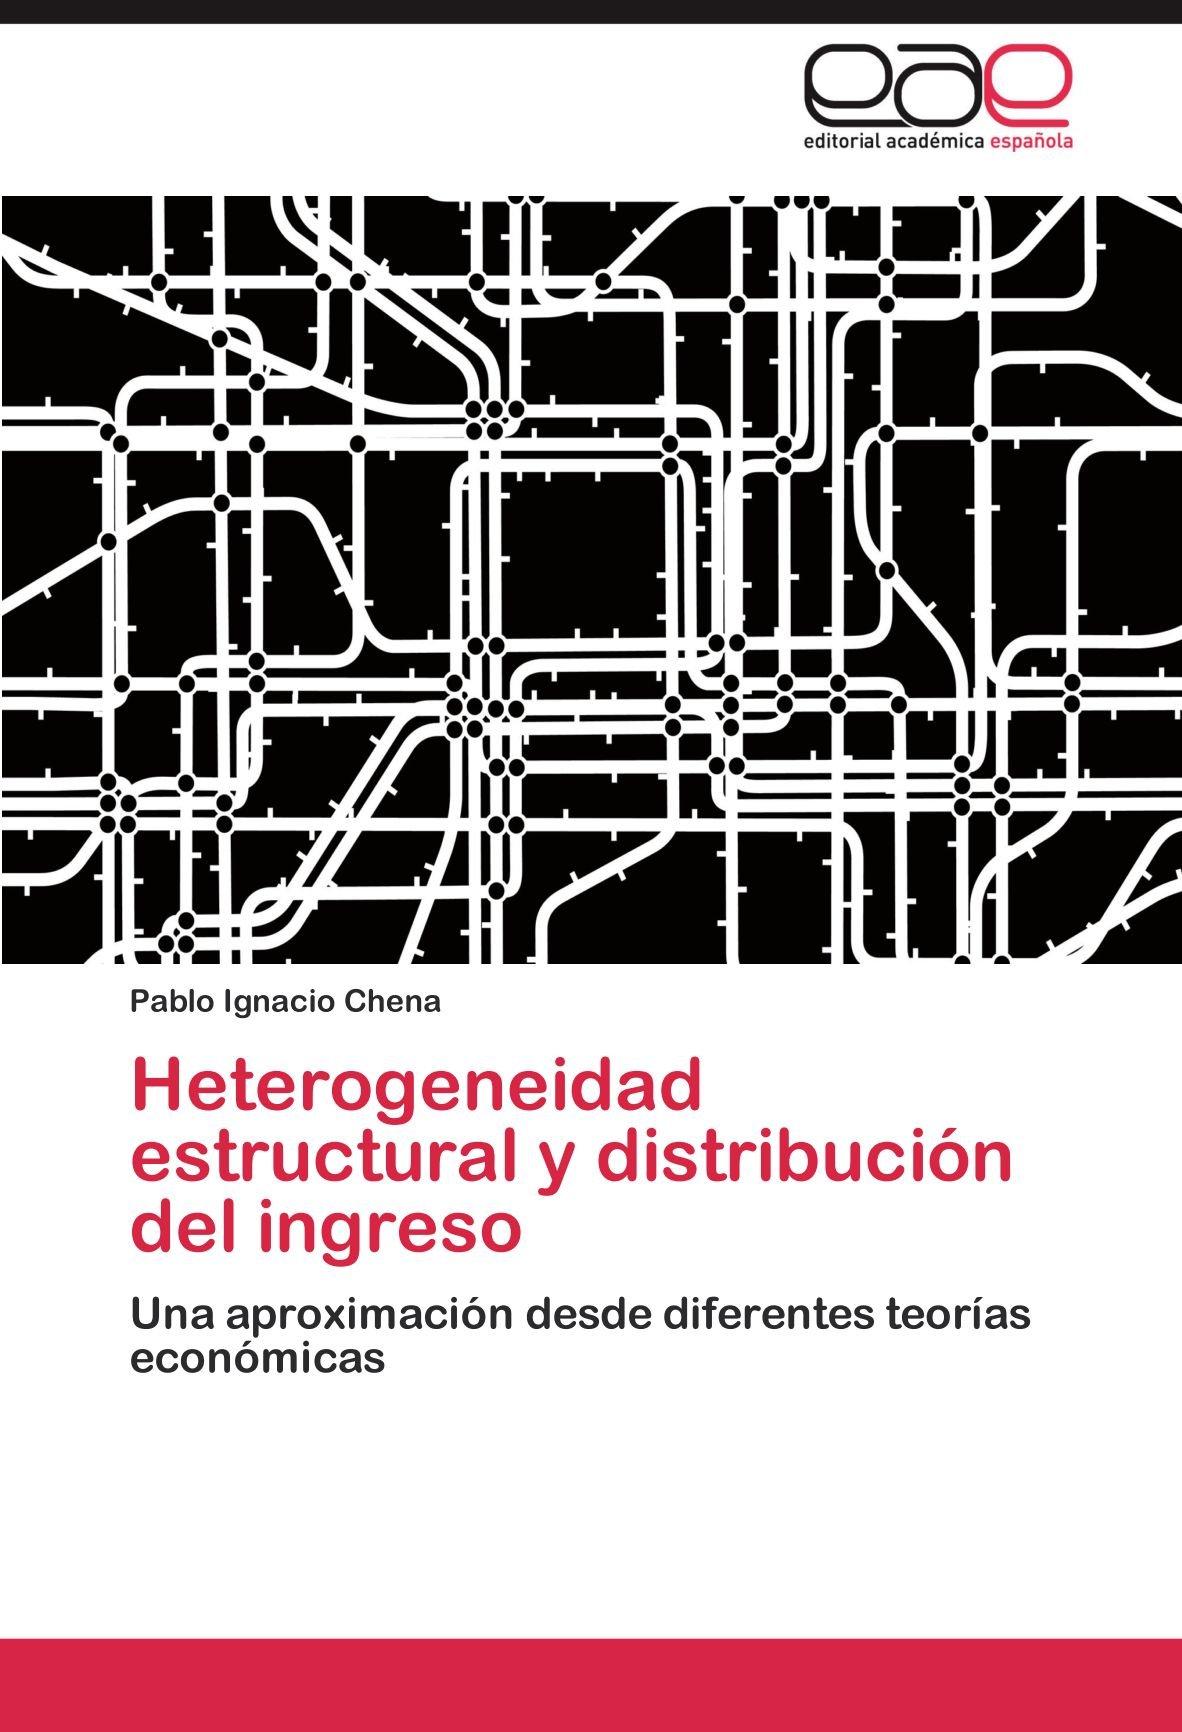 Heterogeneidad Estructural y Distribucion del Ingreso: Amazon.es: Chena, Pablo Ignacio: Libros